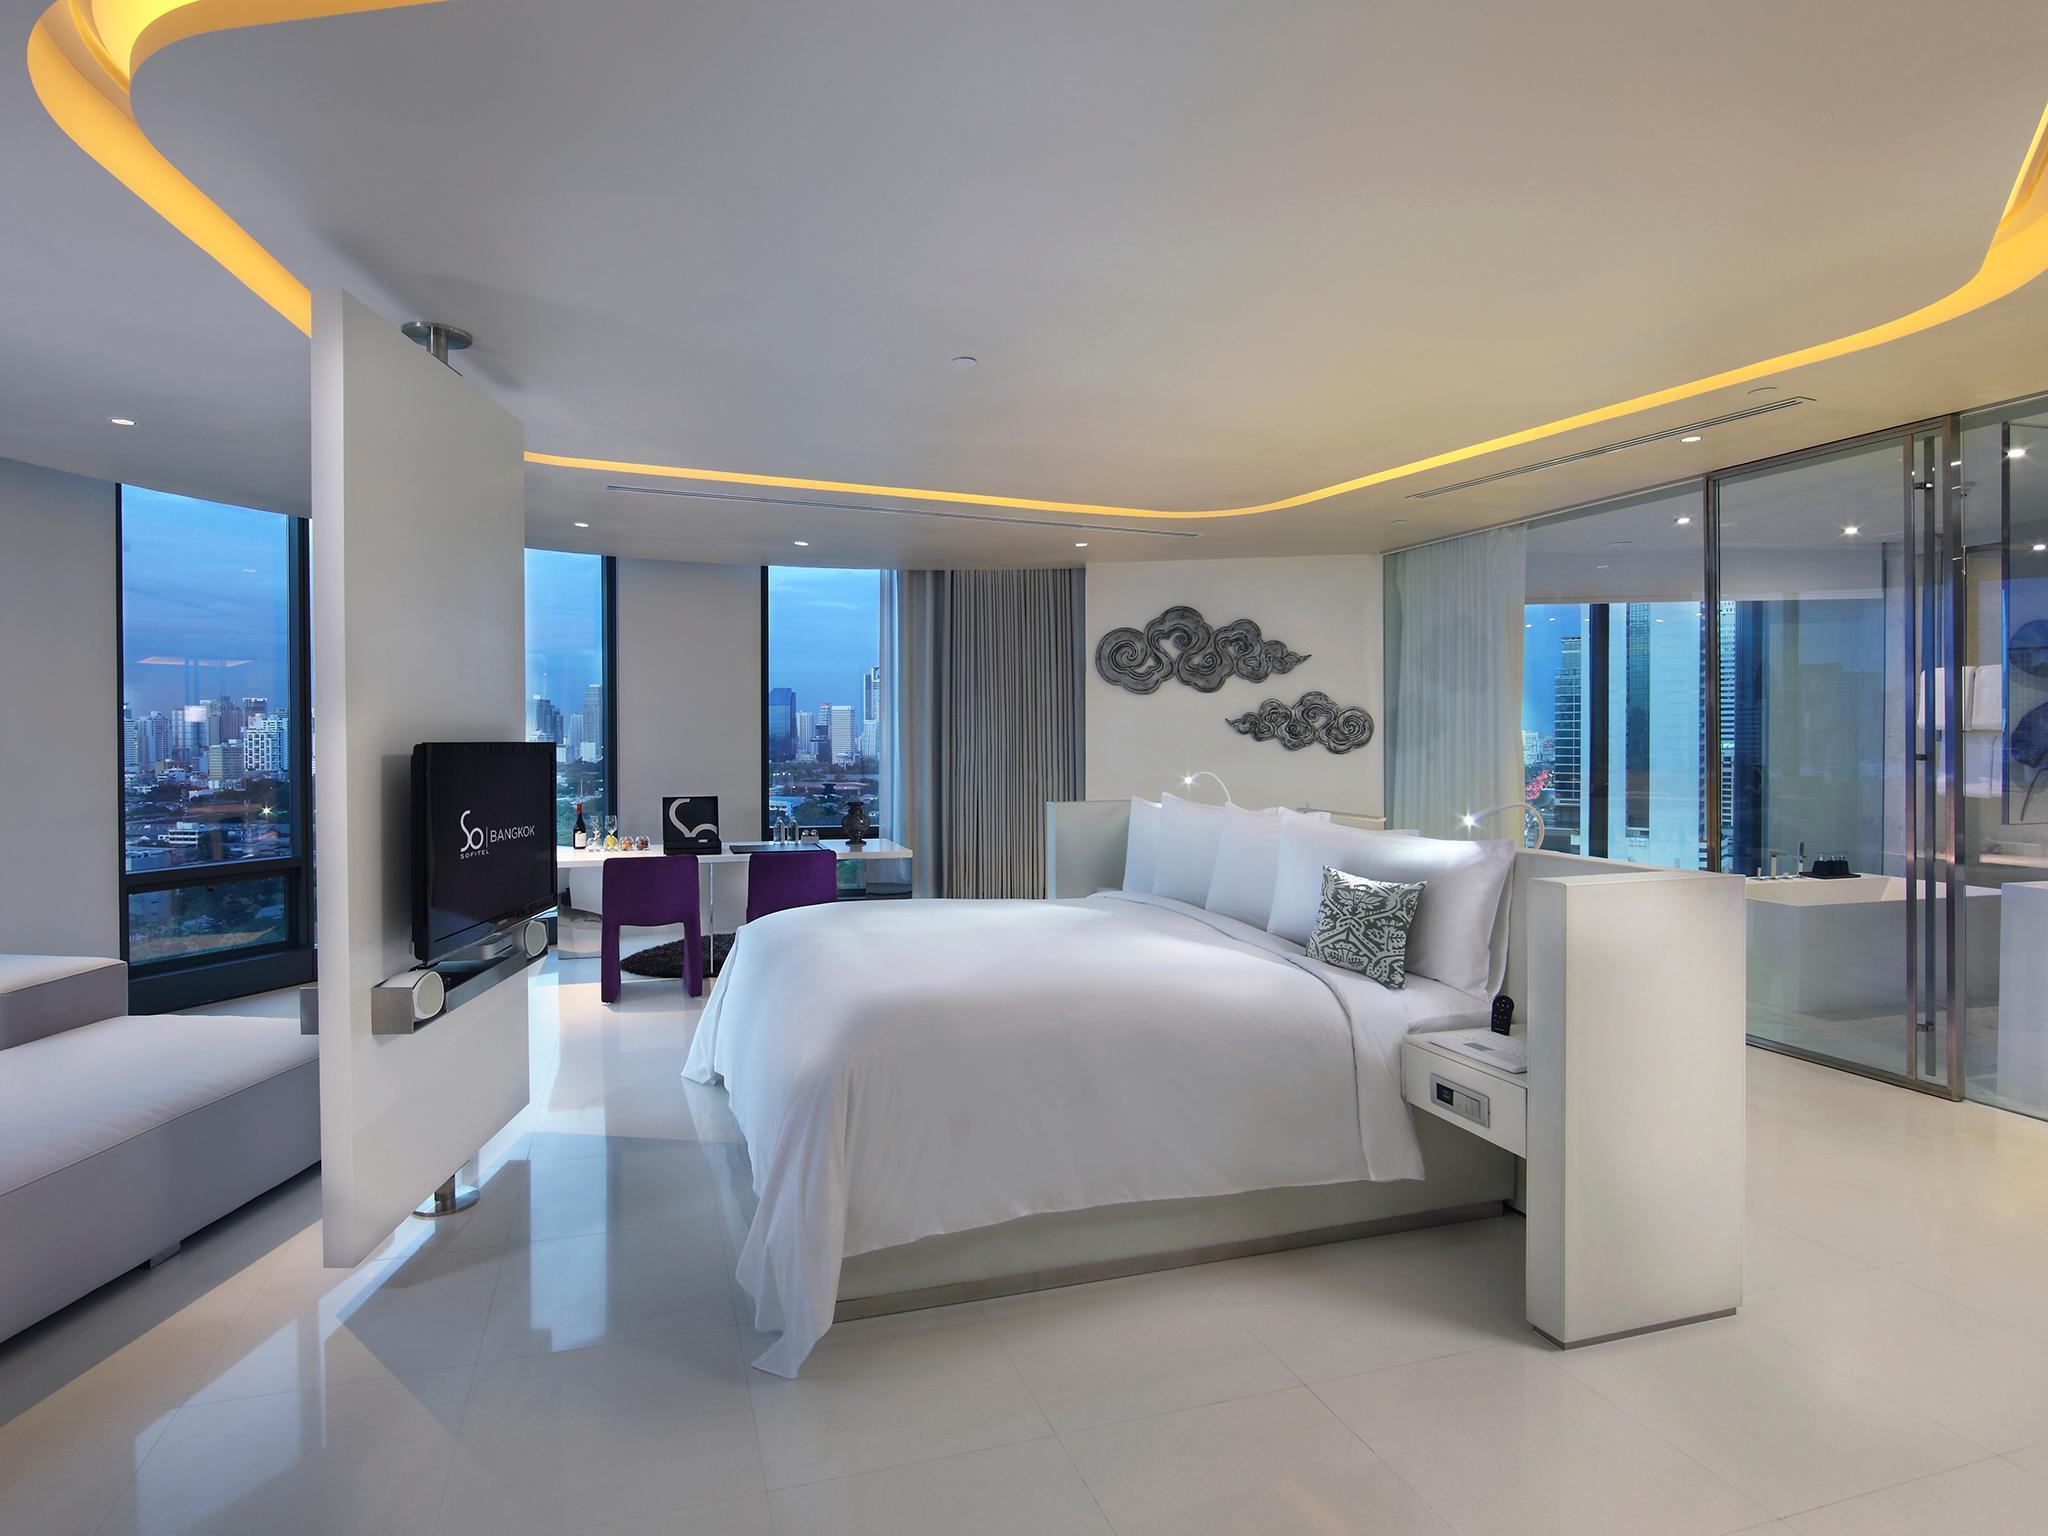 ソ ソフィテル バンコク (So Sofitel Bangkok Hotel)